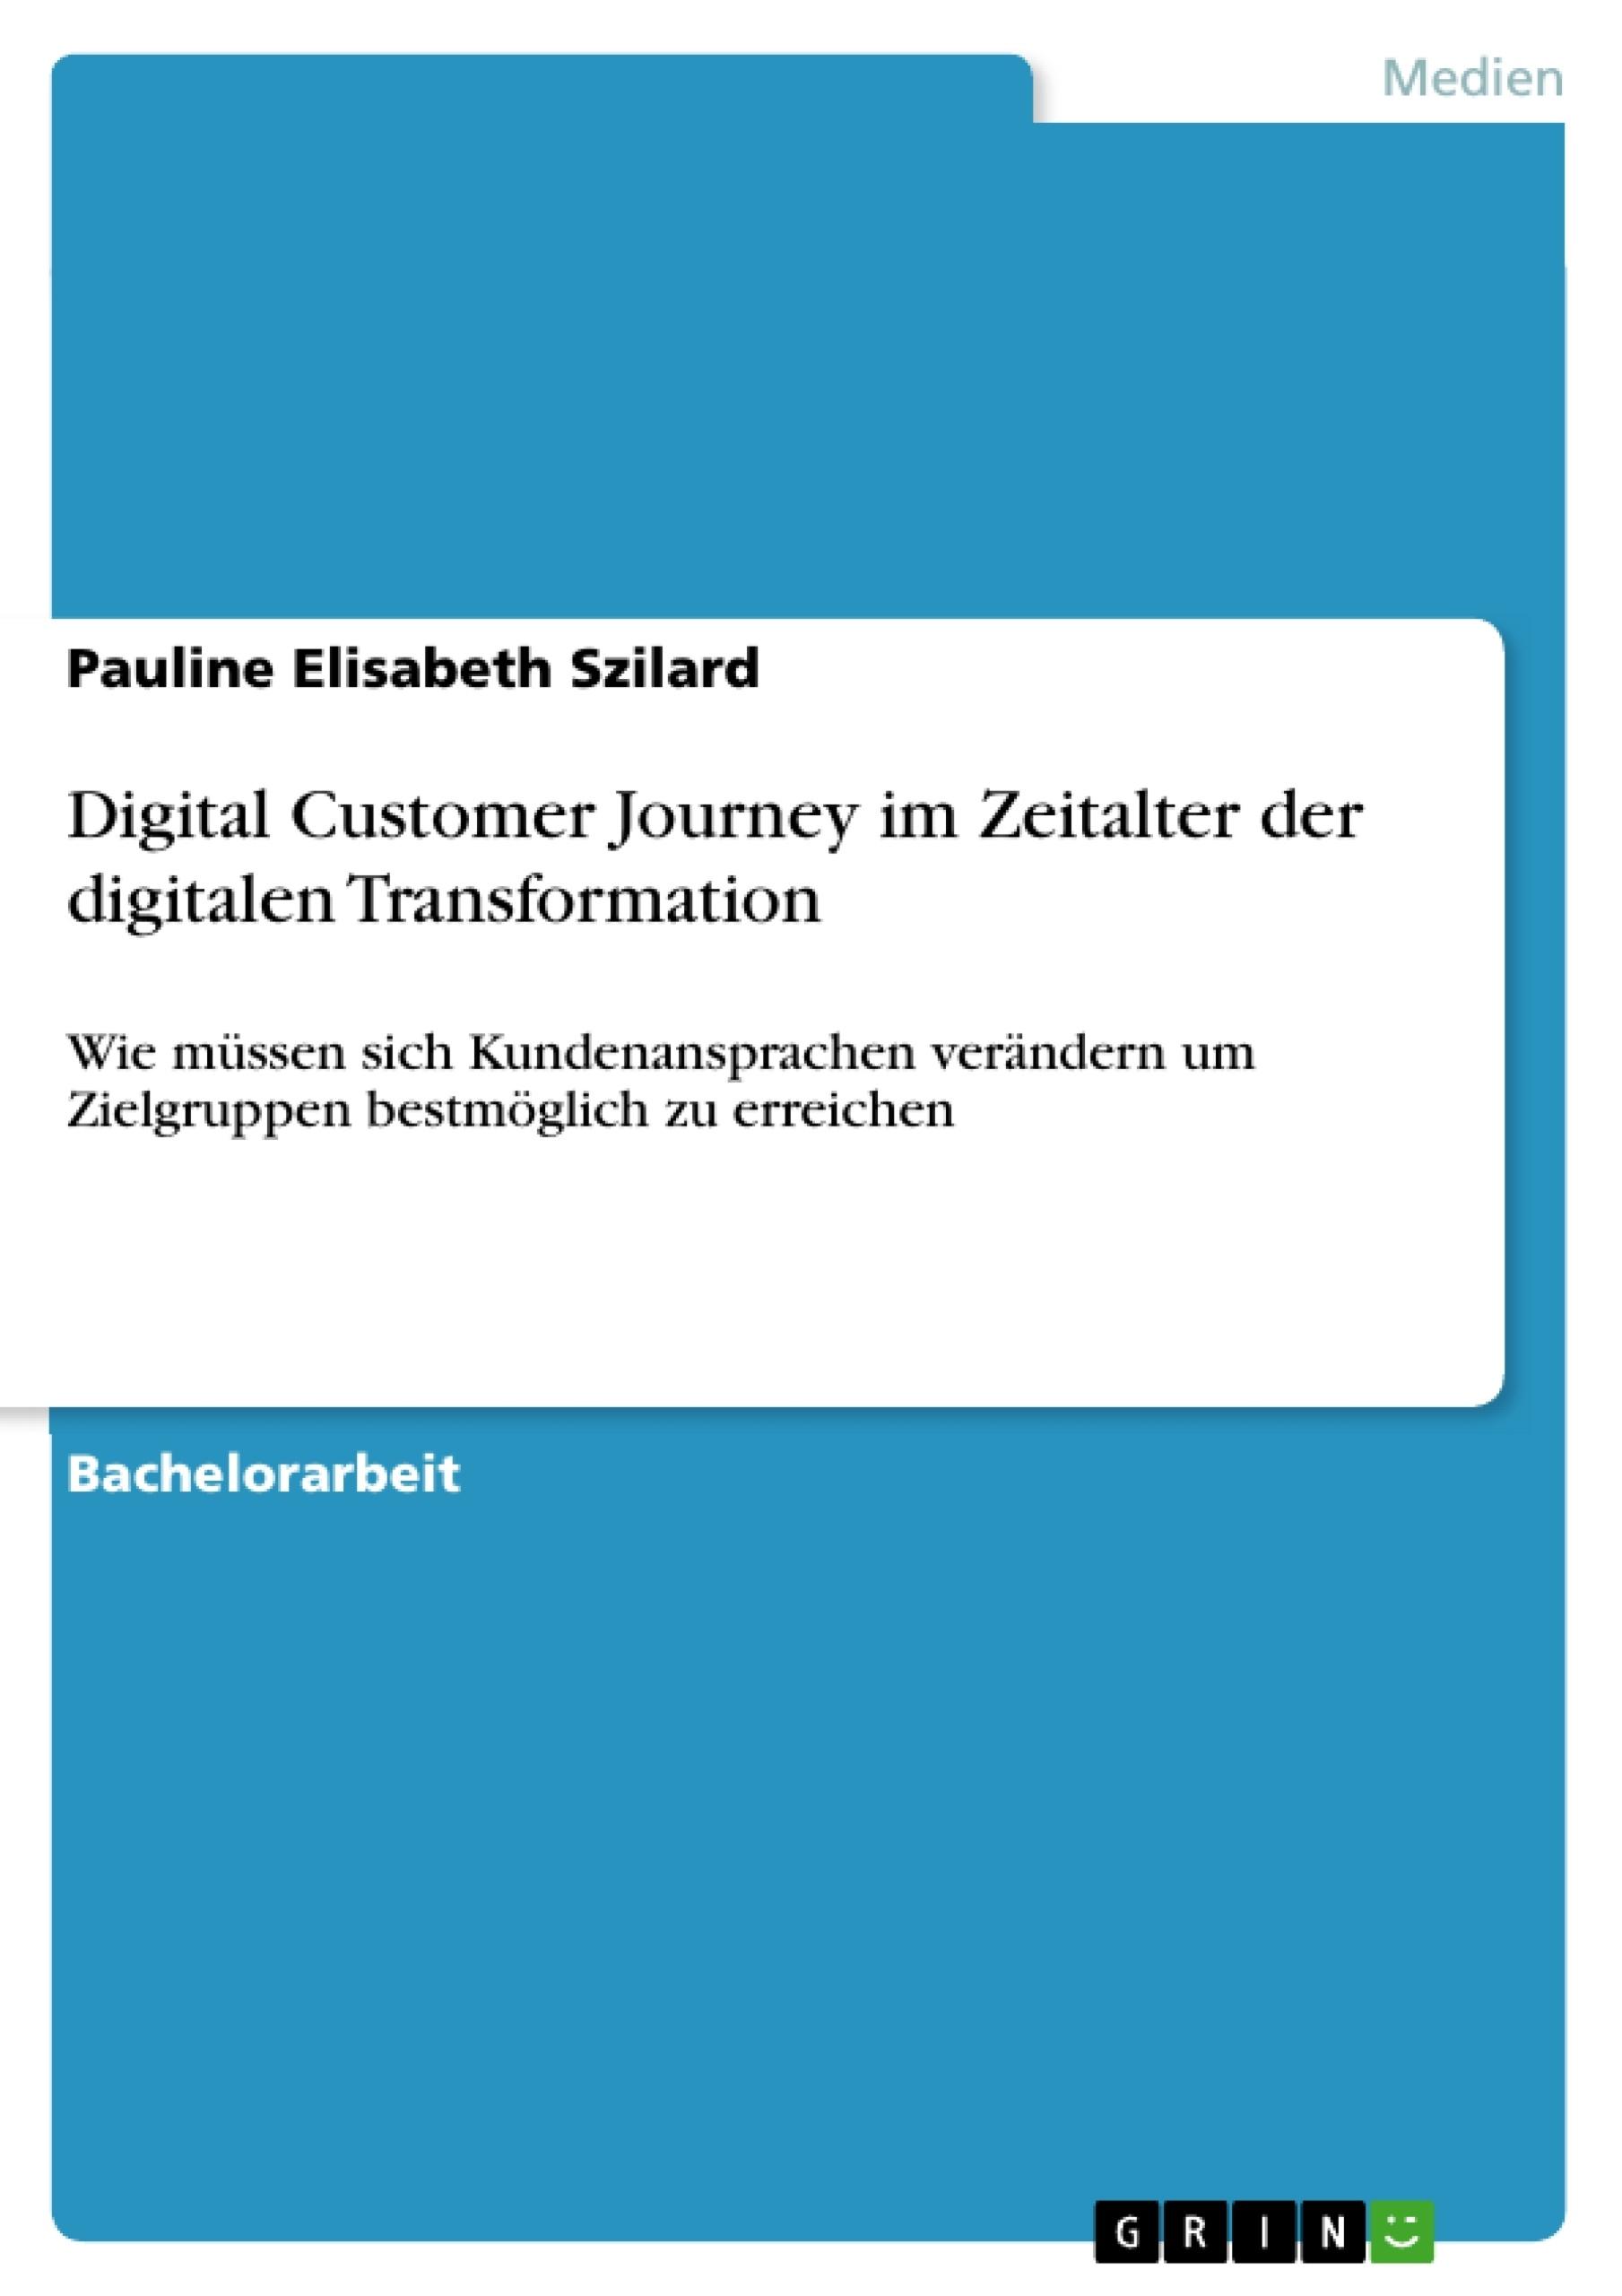 Titel: Digital Customer Journey im Zeitalter der digitalen Transformation